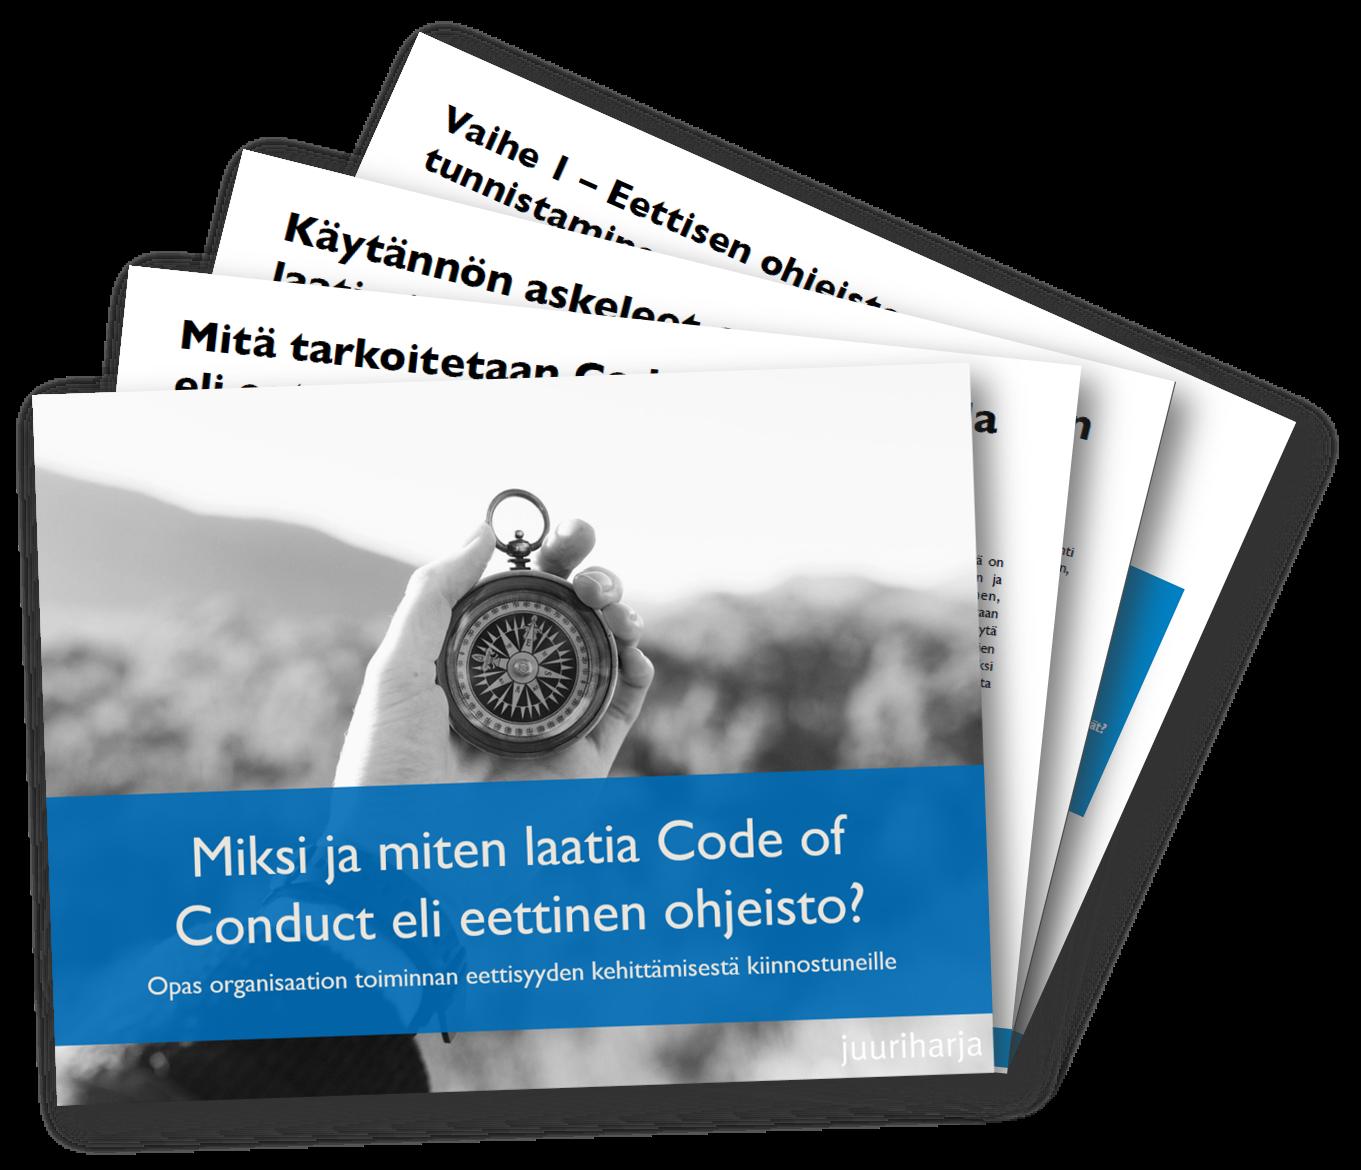 Miksi ja miten laatia Code of Conduct eli eettinen ohjeisto -pikaopas